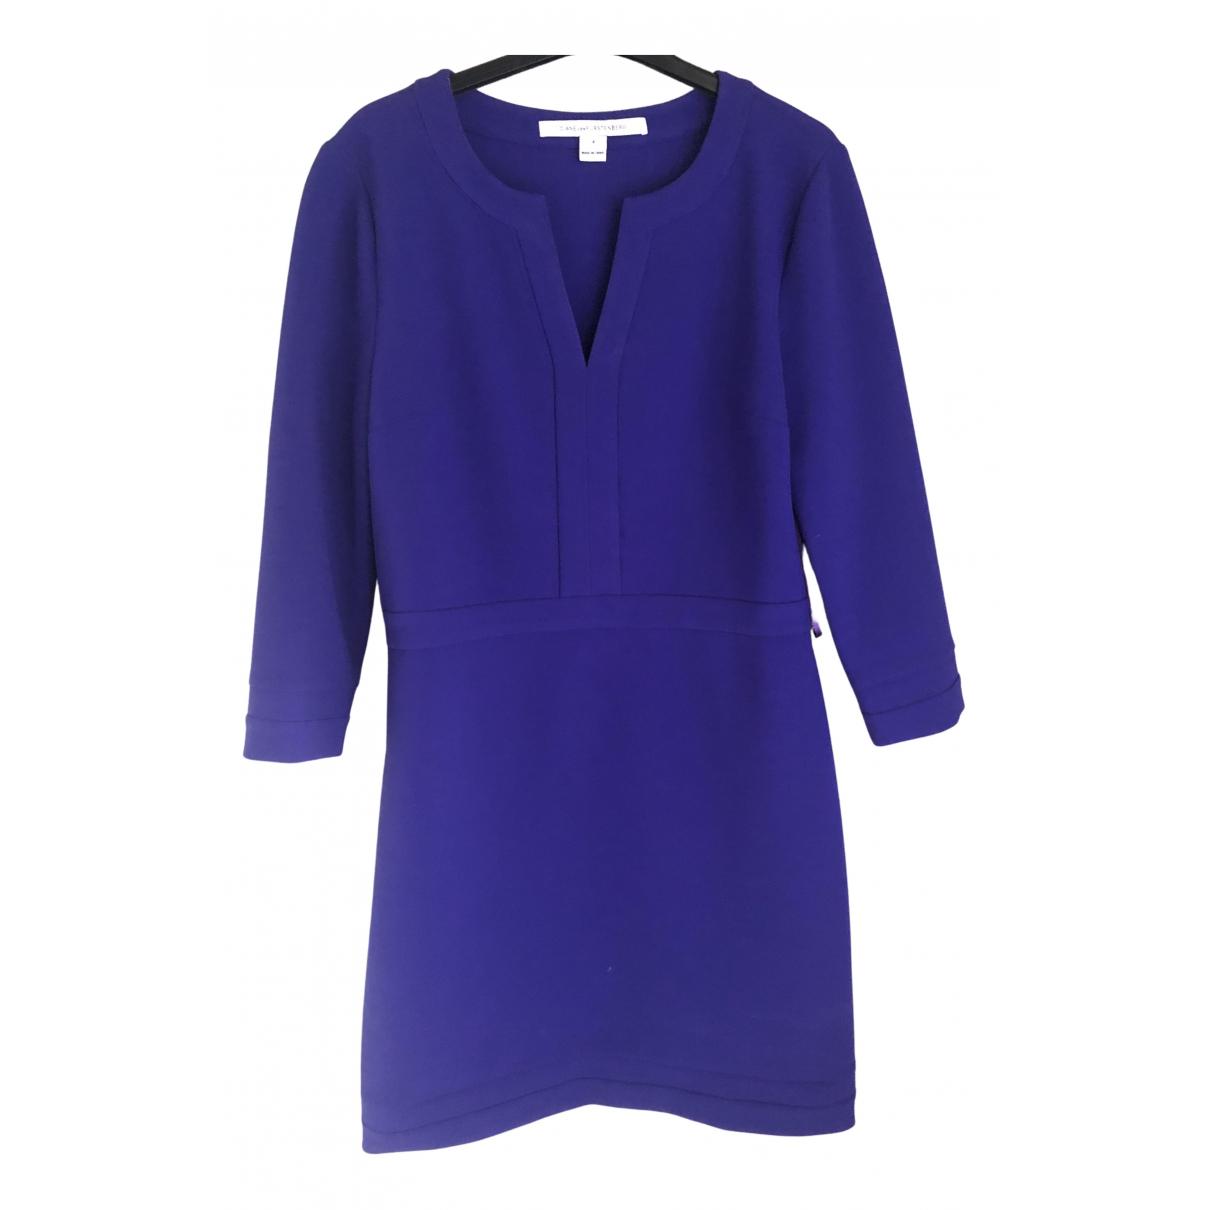 Diane Von Furstenberg N Blue dress for Women 4 UK